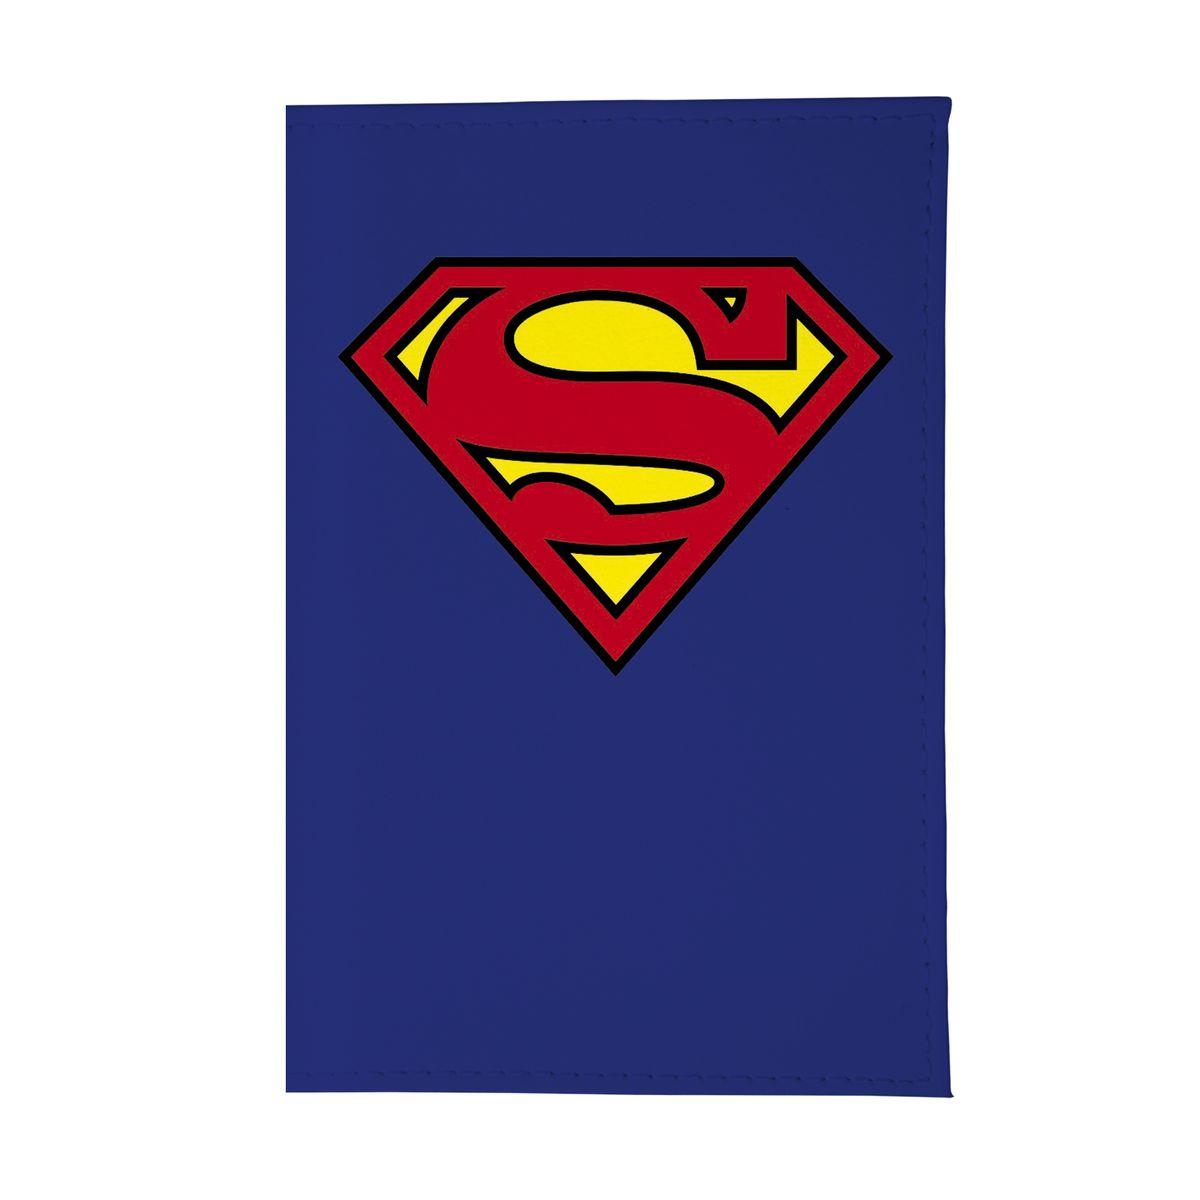 Обложка для автодокументов Супермен. AUTOZAM004W16-11135_914Стильная обложка для автодокументов Mitya Veselkov не только поможет сохранить внешний вид ваших документов и защитить их от повреждений, но и станет стильным аксессуаром, идеально подходящим вашему образу.Она выполнена из ПВХ, внутри имеет съемный вкладыш, состоящий из шести файлов для документов, один из которых формата А5.